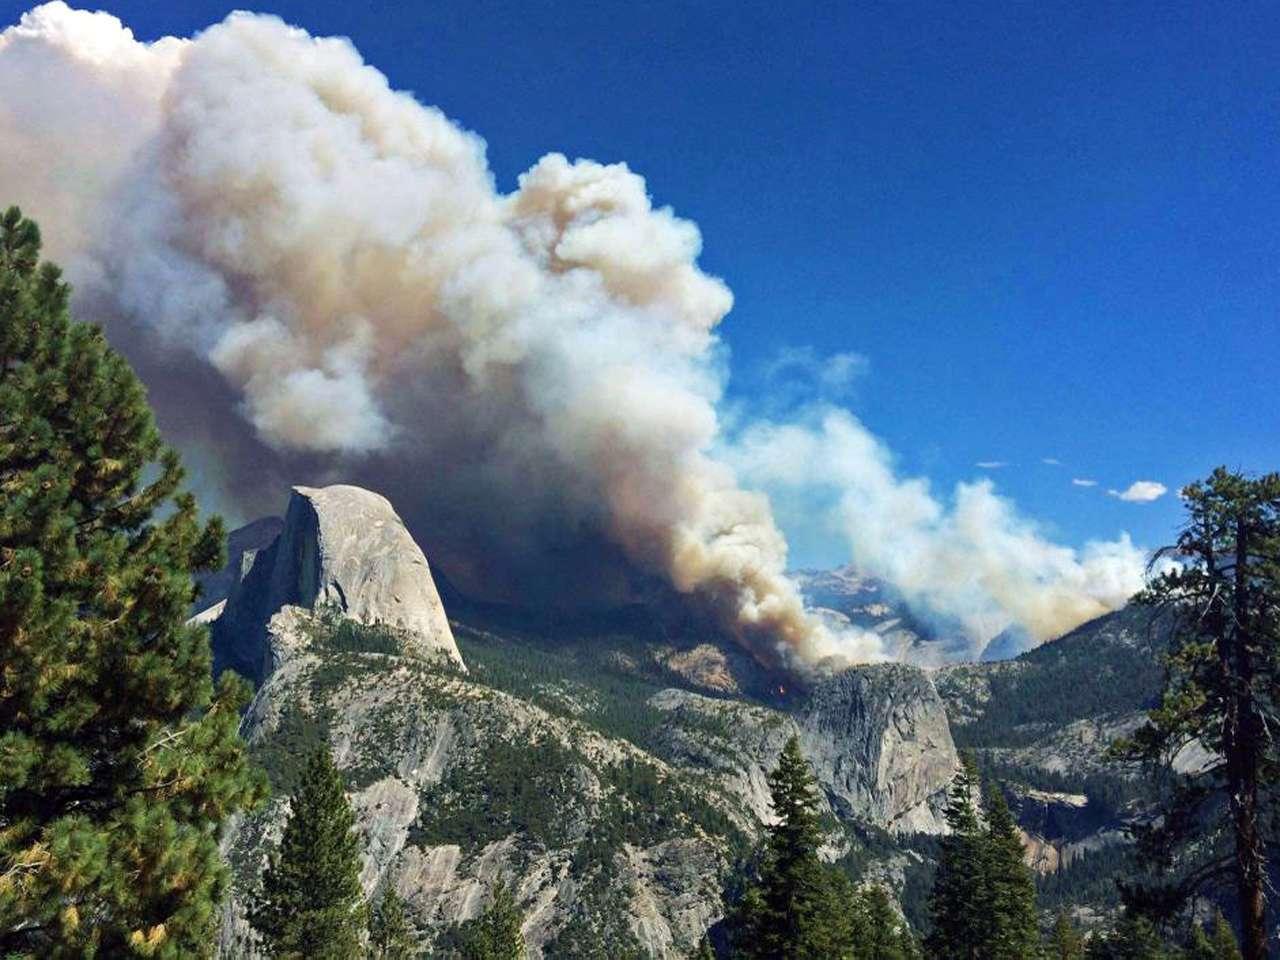 Incendio en el Yosemite - California